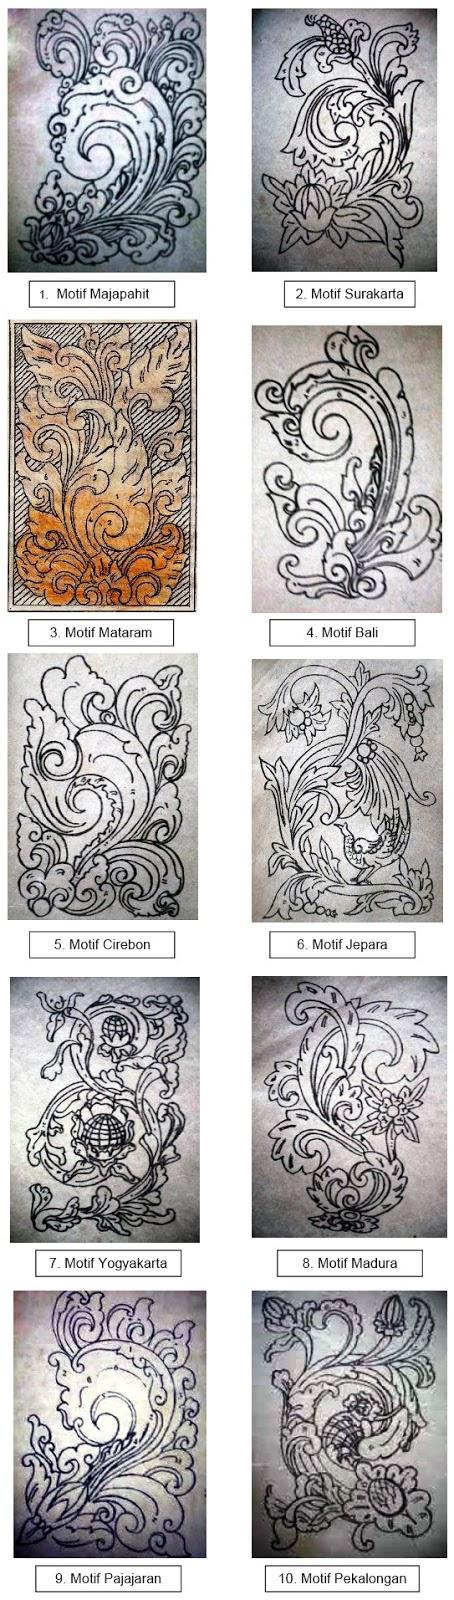 motif hias Majapahit, Pajajaran, Bali, Surakarta, Pekalongan, Cirebon, Yogyakarta, Jepara, Madura, dan Mataram